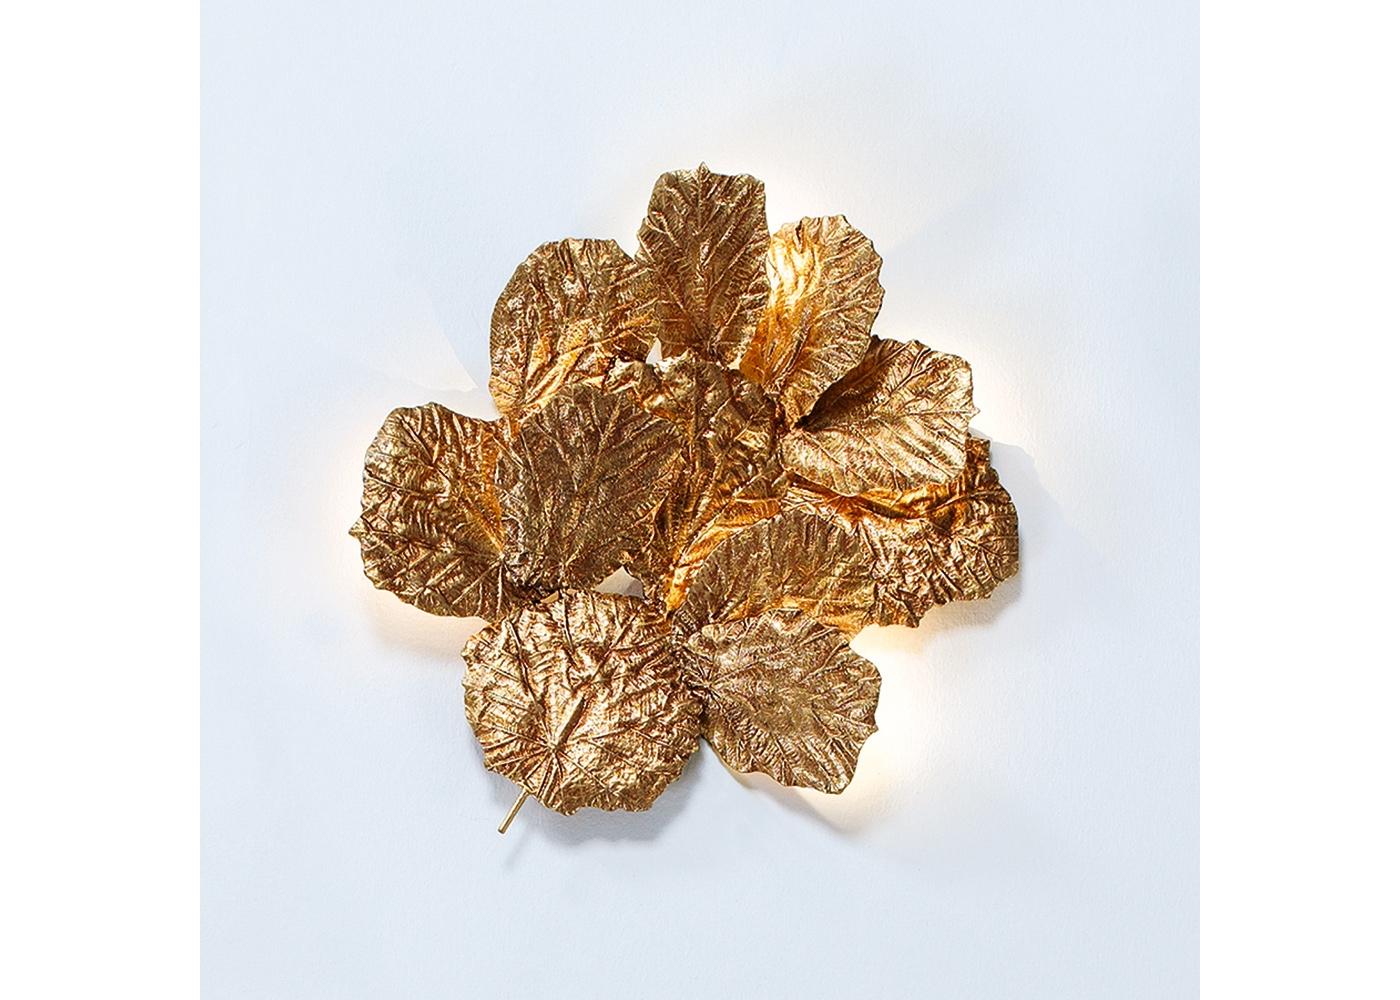 Настенный светильник PathLeafБра<br>&amp;lt;div&amp;gt;Настенный светильник из коллекции PathLeaf с оригинальным дизайном в виде лепестков из металла разных цветов. В этой модели присутствуют 4 цвета металла: серебряный, черный, серебряный с золотой патиной и черный с серебряной патиной. Возможны другие варианты покрытия металла. Идеальные пропорции и изящные линии сочетают в себе классические традиции и новаторство нашего времени. Все изделия Serip изготавливаются вручную, имеют органичные формы и цвета, вливаются в интерьер, делая его утонченнее и ярче.&amp;lt;/div&amp;gt;&amp;lt;div&amp;gt;&amp;lt;br&amp;gt;&amp;lt;/div&amp;gt;&amp;lt;div&amp;gt;&amp;lt;br&amp;gt;&amp;lt;/div&amp;gt;&amp;lt;div&amp;gt;Количество лампочек: 6&amp;lt;/div&amp;gt;&amp;lt;div&amp;gt;Мощность: 6 x 1.4 Вт&amp;lt;/div&amp;gt;&amp;lt;div&amp;gt;Тип лампы: LED&amp;lt;/div&amp;gt;&amp;lt;div&amp;gt;Цветовая температура: 3000 К&amp;lt;/div&amp;gt;<br><br>Material: Металл<br>Ширина см: 55<br>Высота см: 44<br>Глубина см: 13